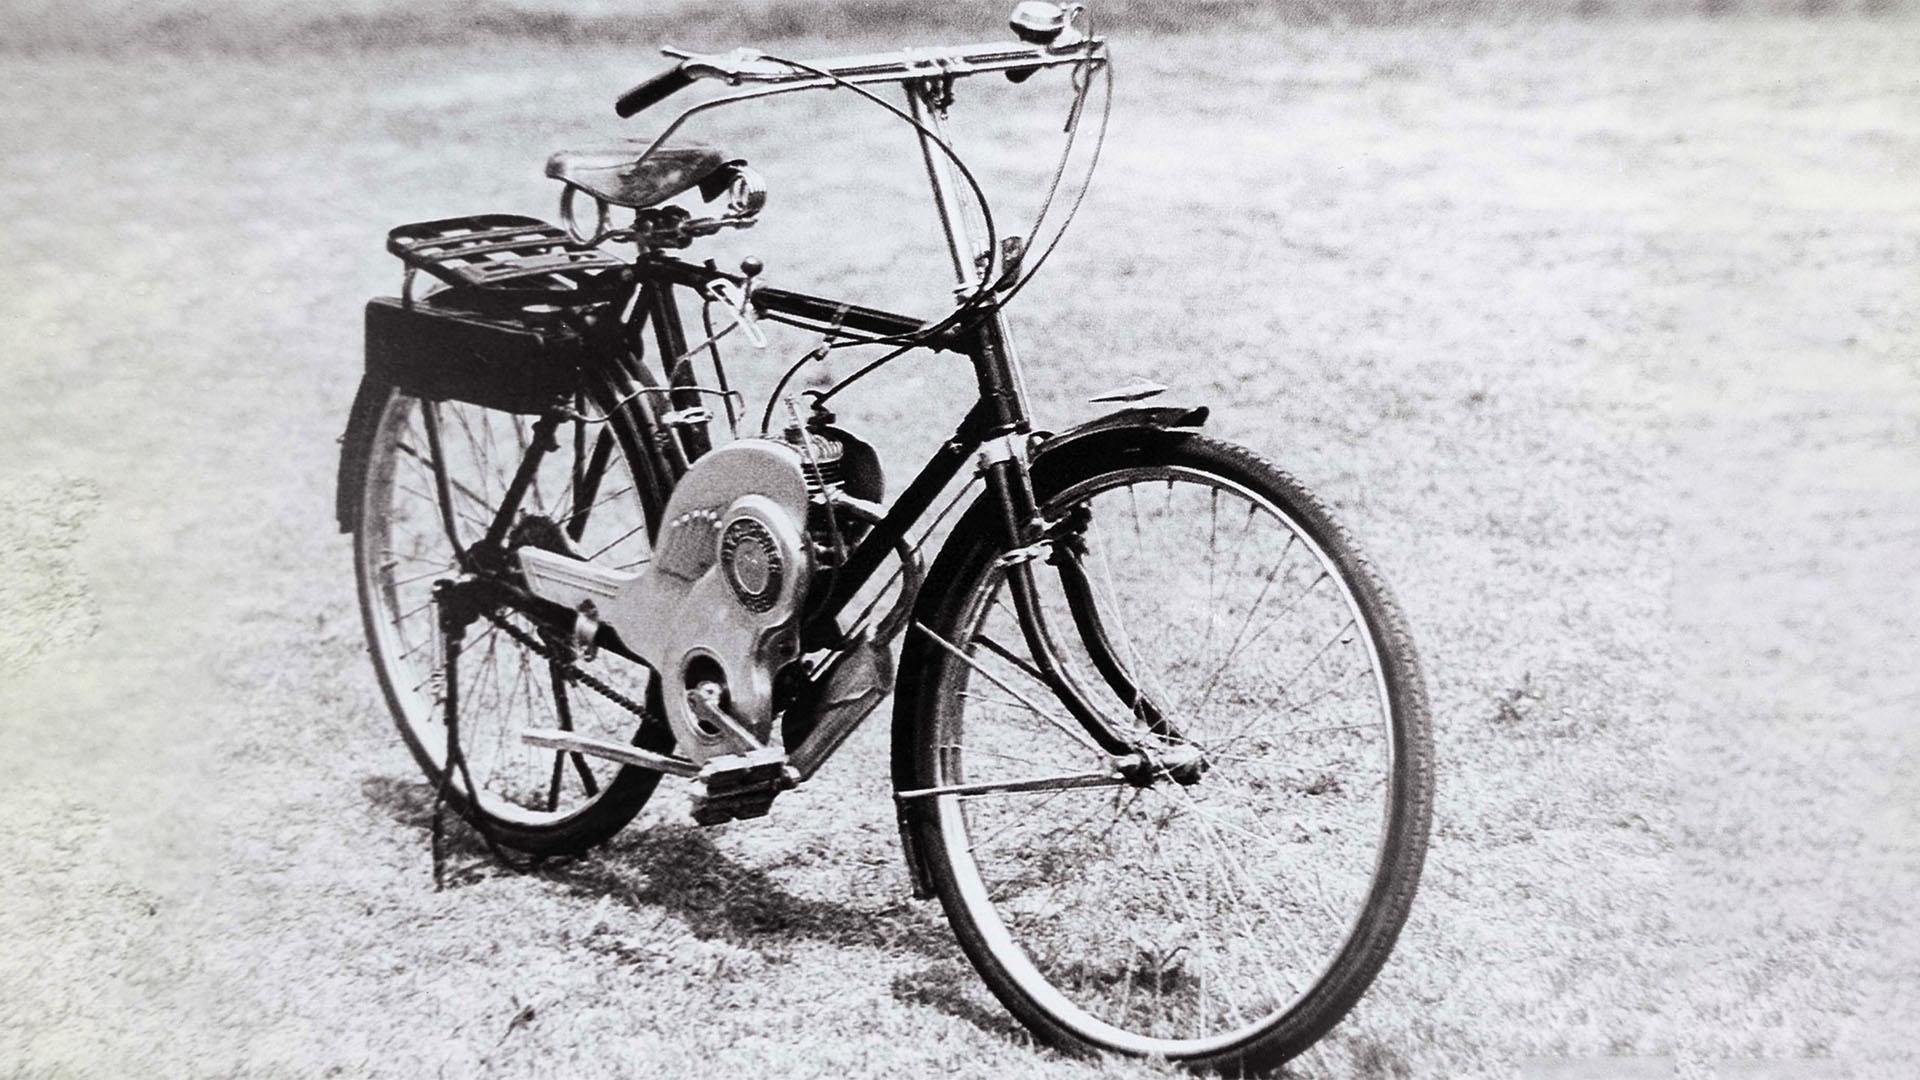 1952 Suzuki Power Free